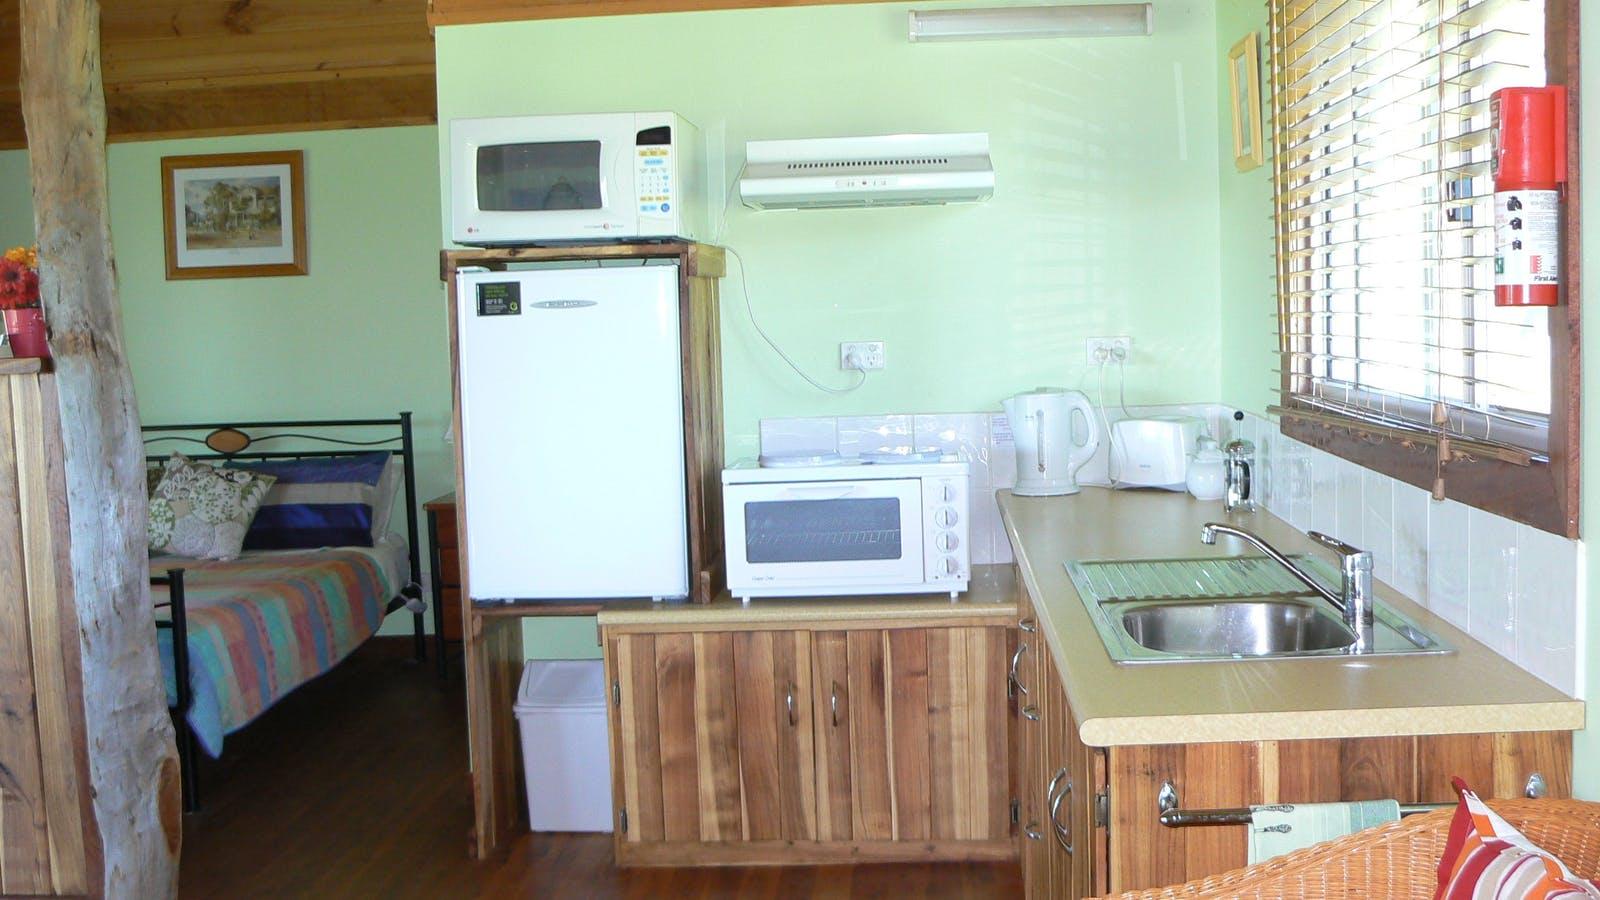 Kitchen area of Treecreeper Cottage